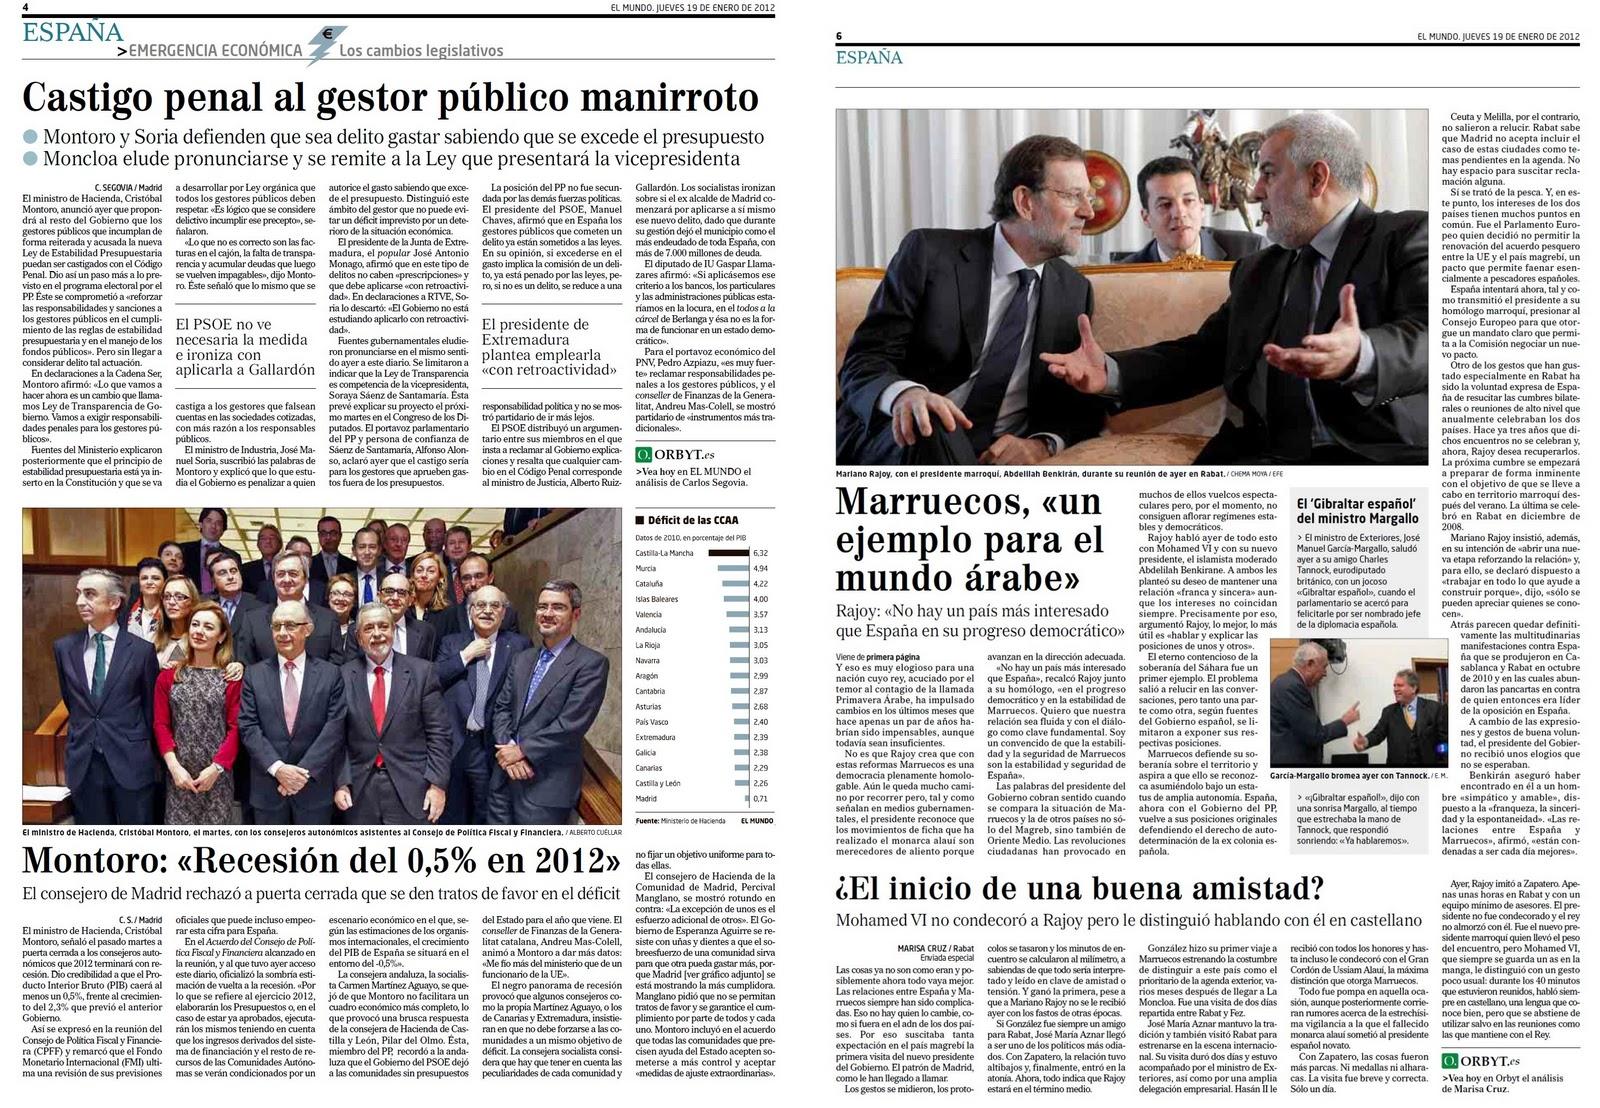 Dice la Chacón que Garzón está procesado por perseguir la corrupción. ¿Después de este análisis, puede el PSC seguir manteniéndola de candidata a SG, o lo que es lo mismo, a presidir España?